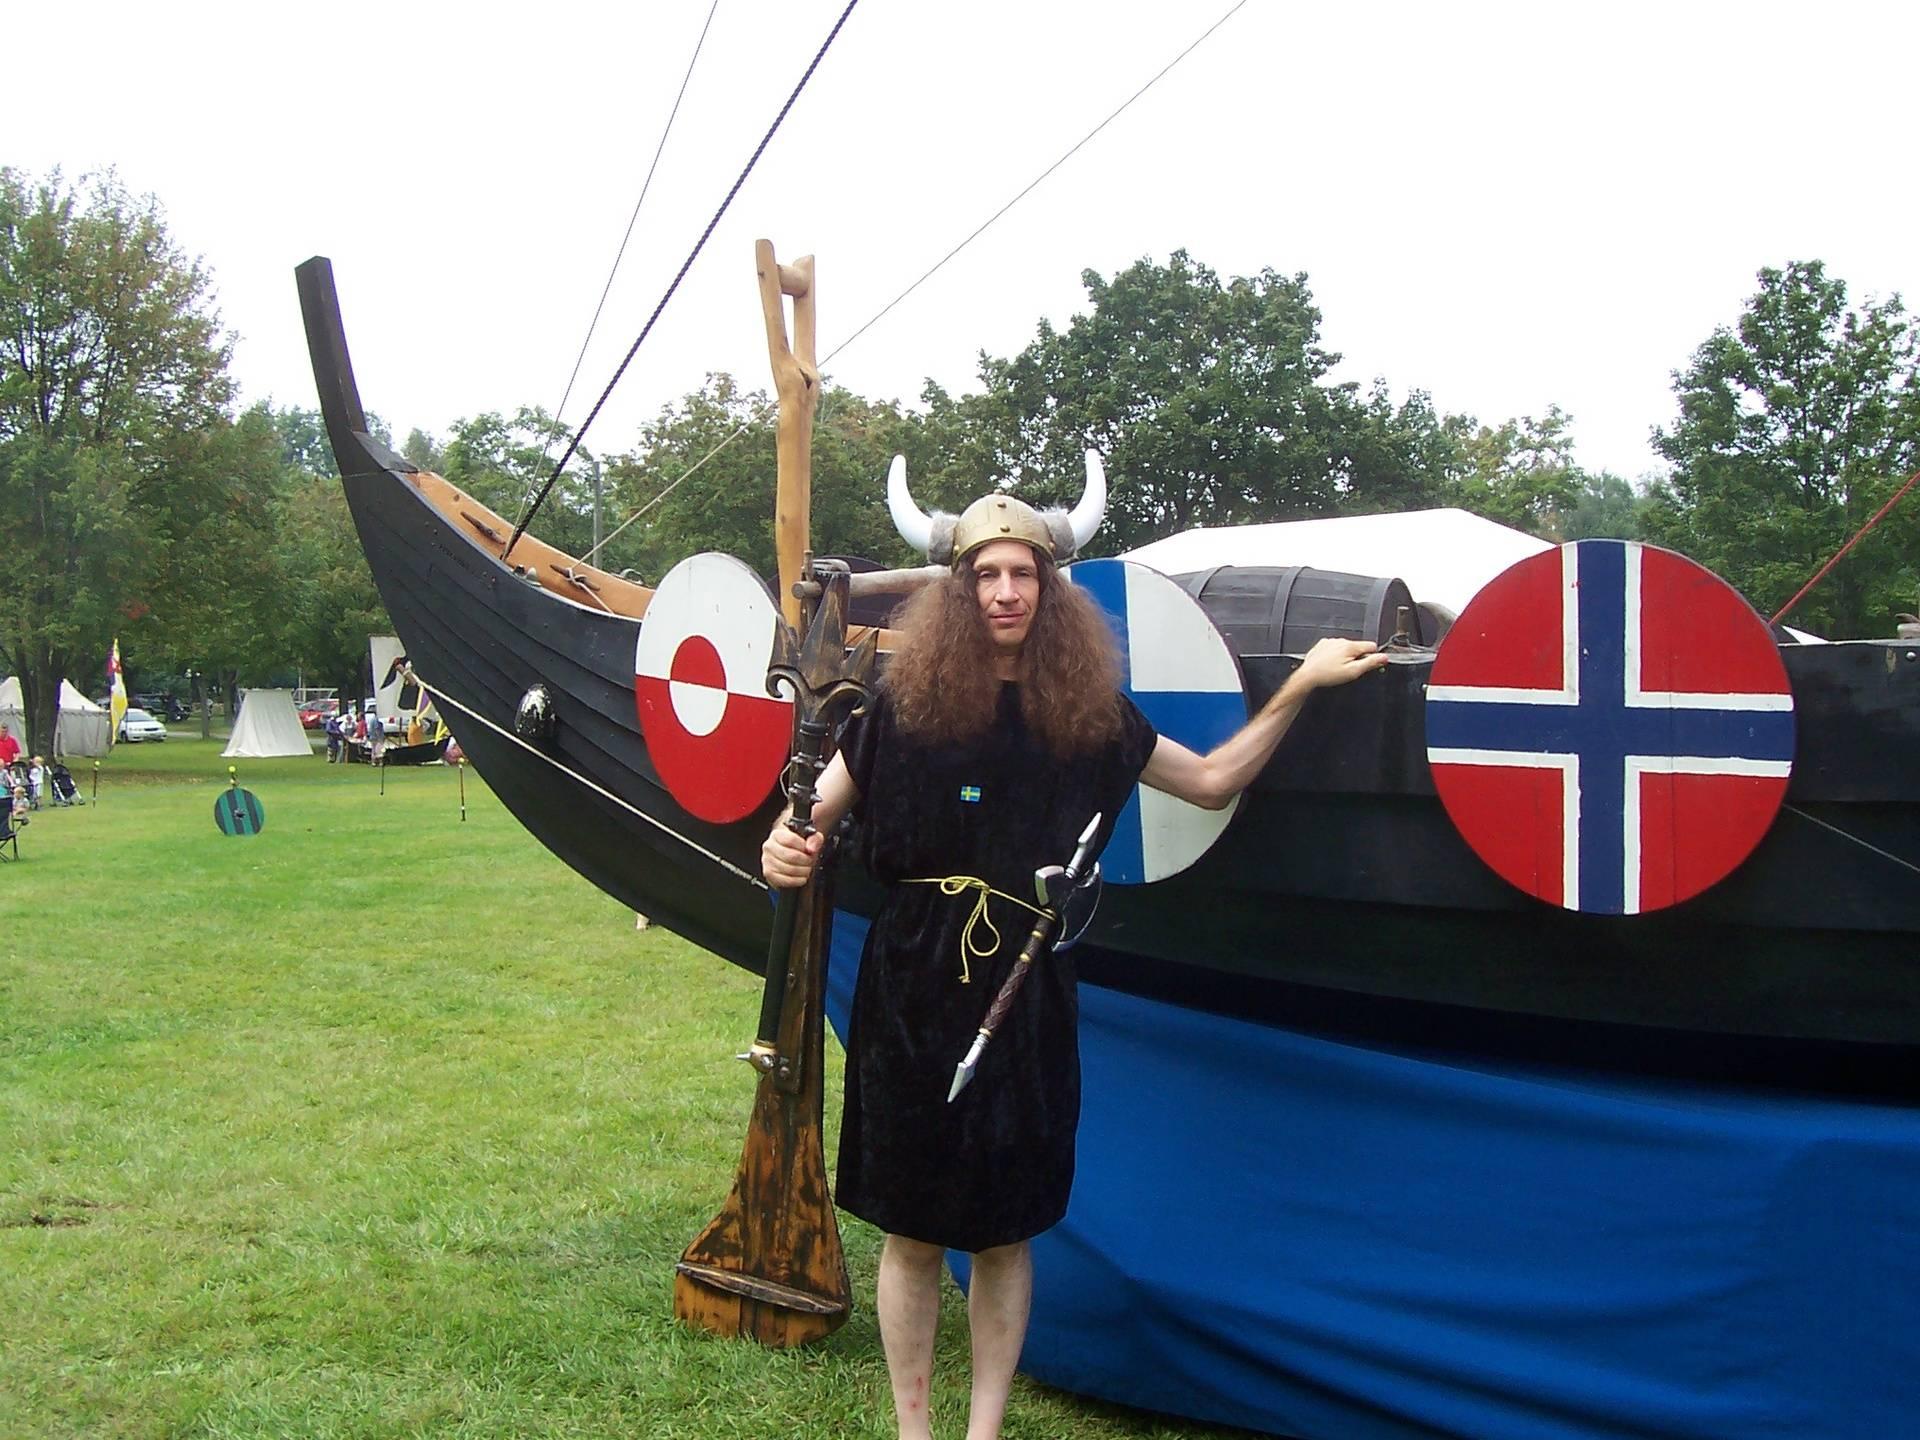 The Viking!